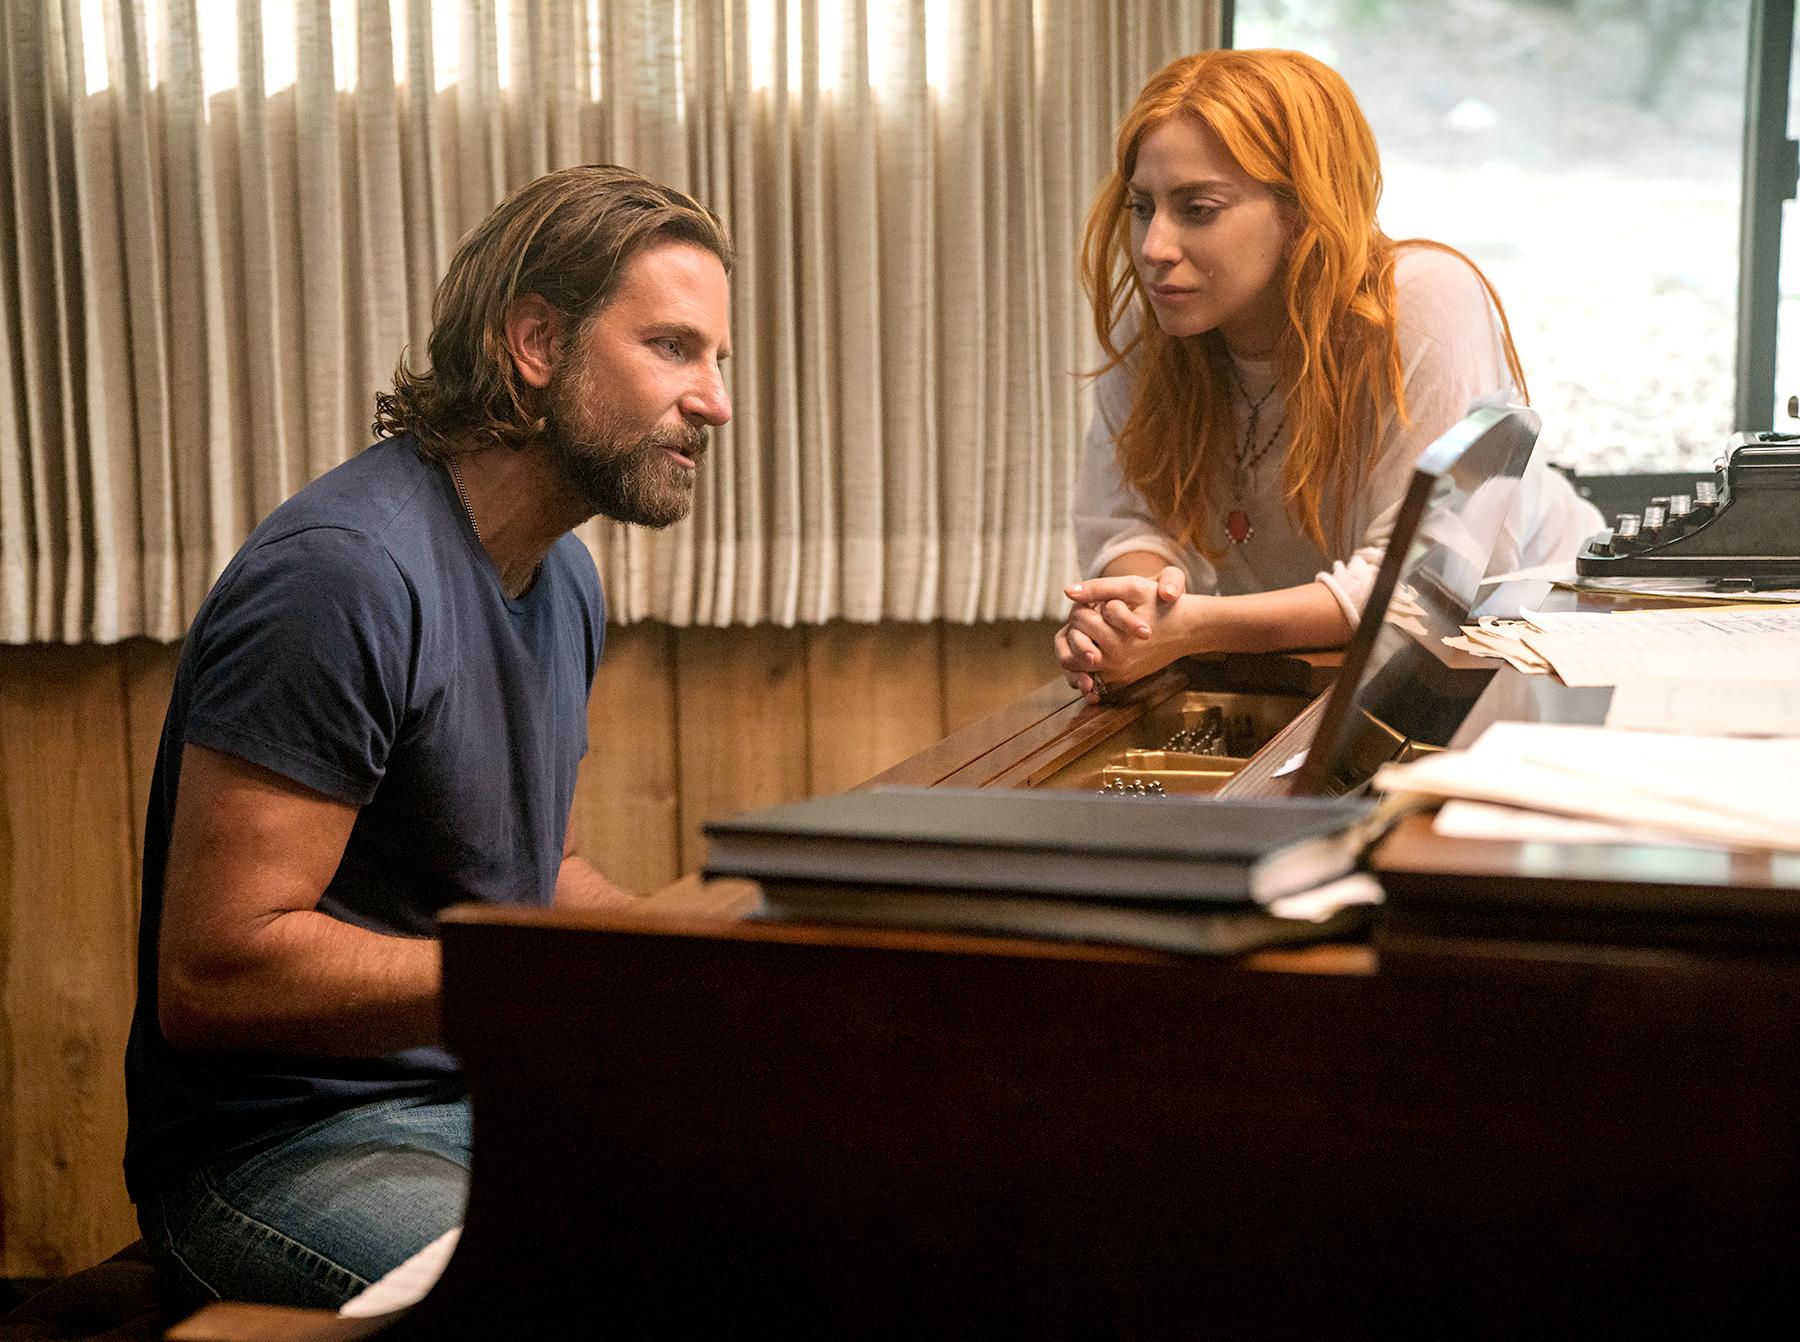 lady-gaga-bradley-cooper-a-star-is-born-golden-globes - Bradley Cooper and Lady Gaga in A Star Is Born